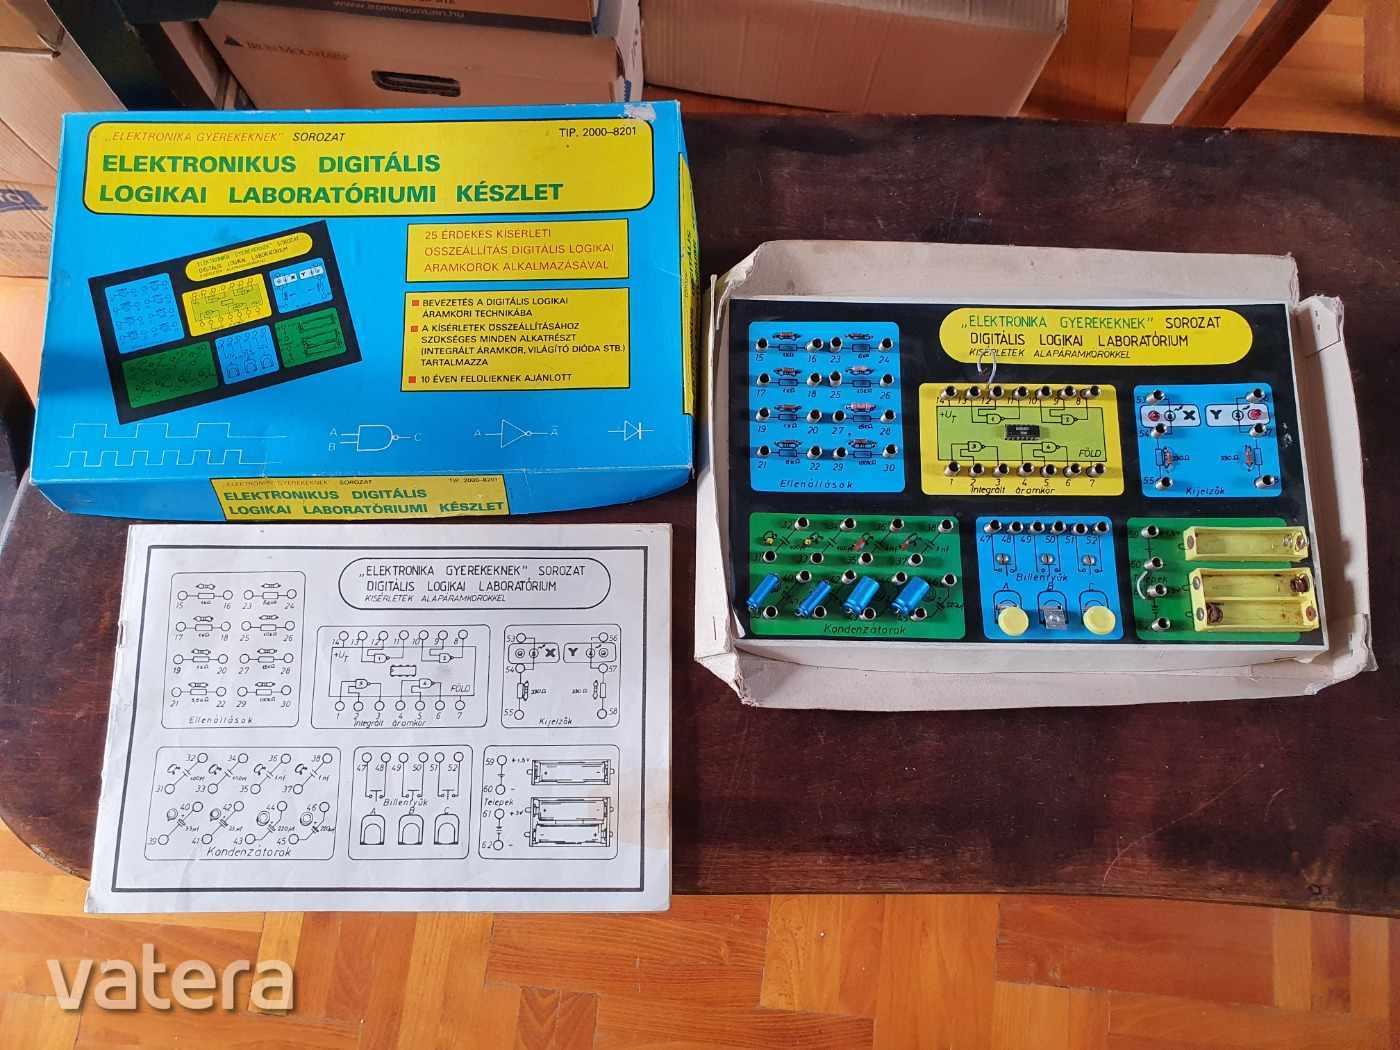 elektronika-gyerekeknek-sorozat-515b_2_big.jpg